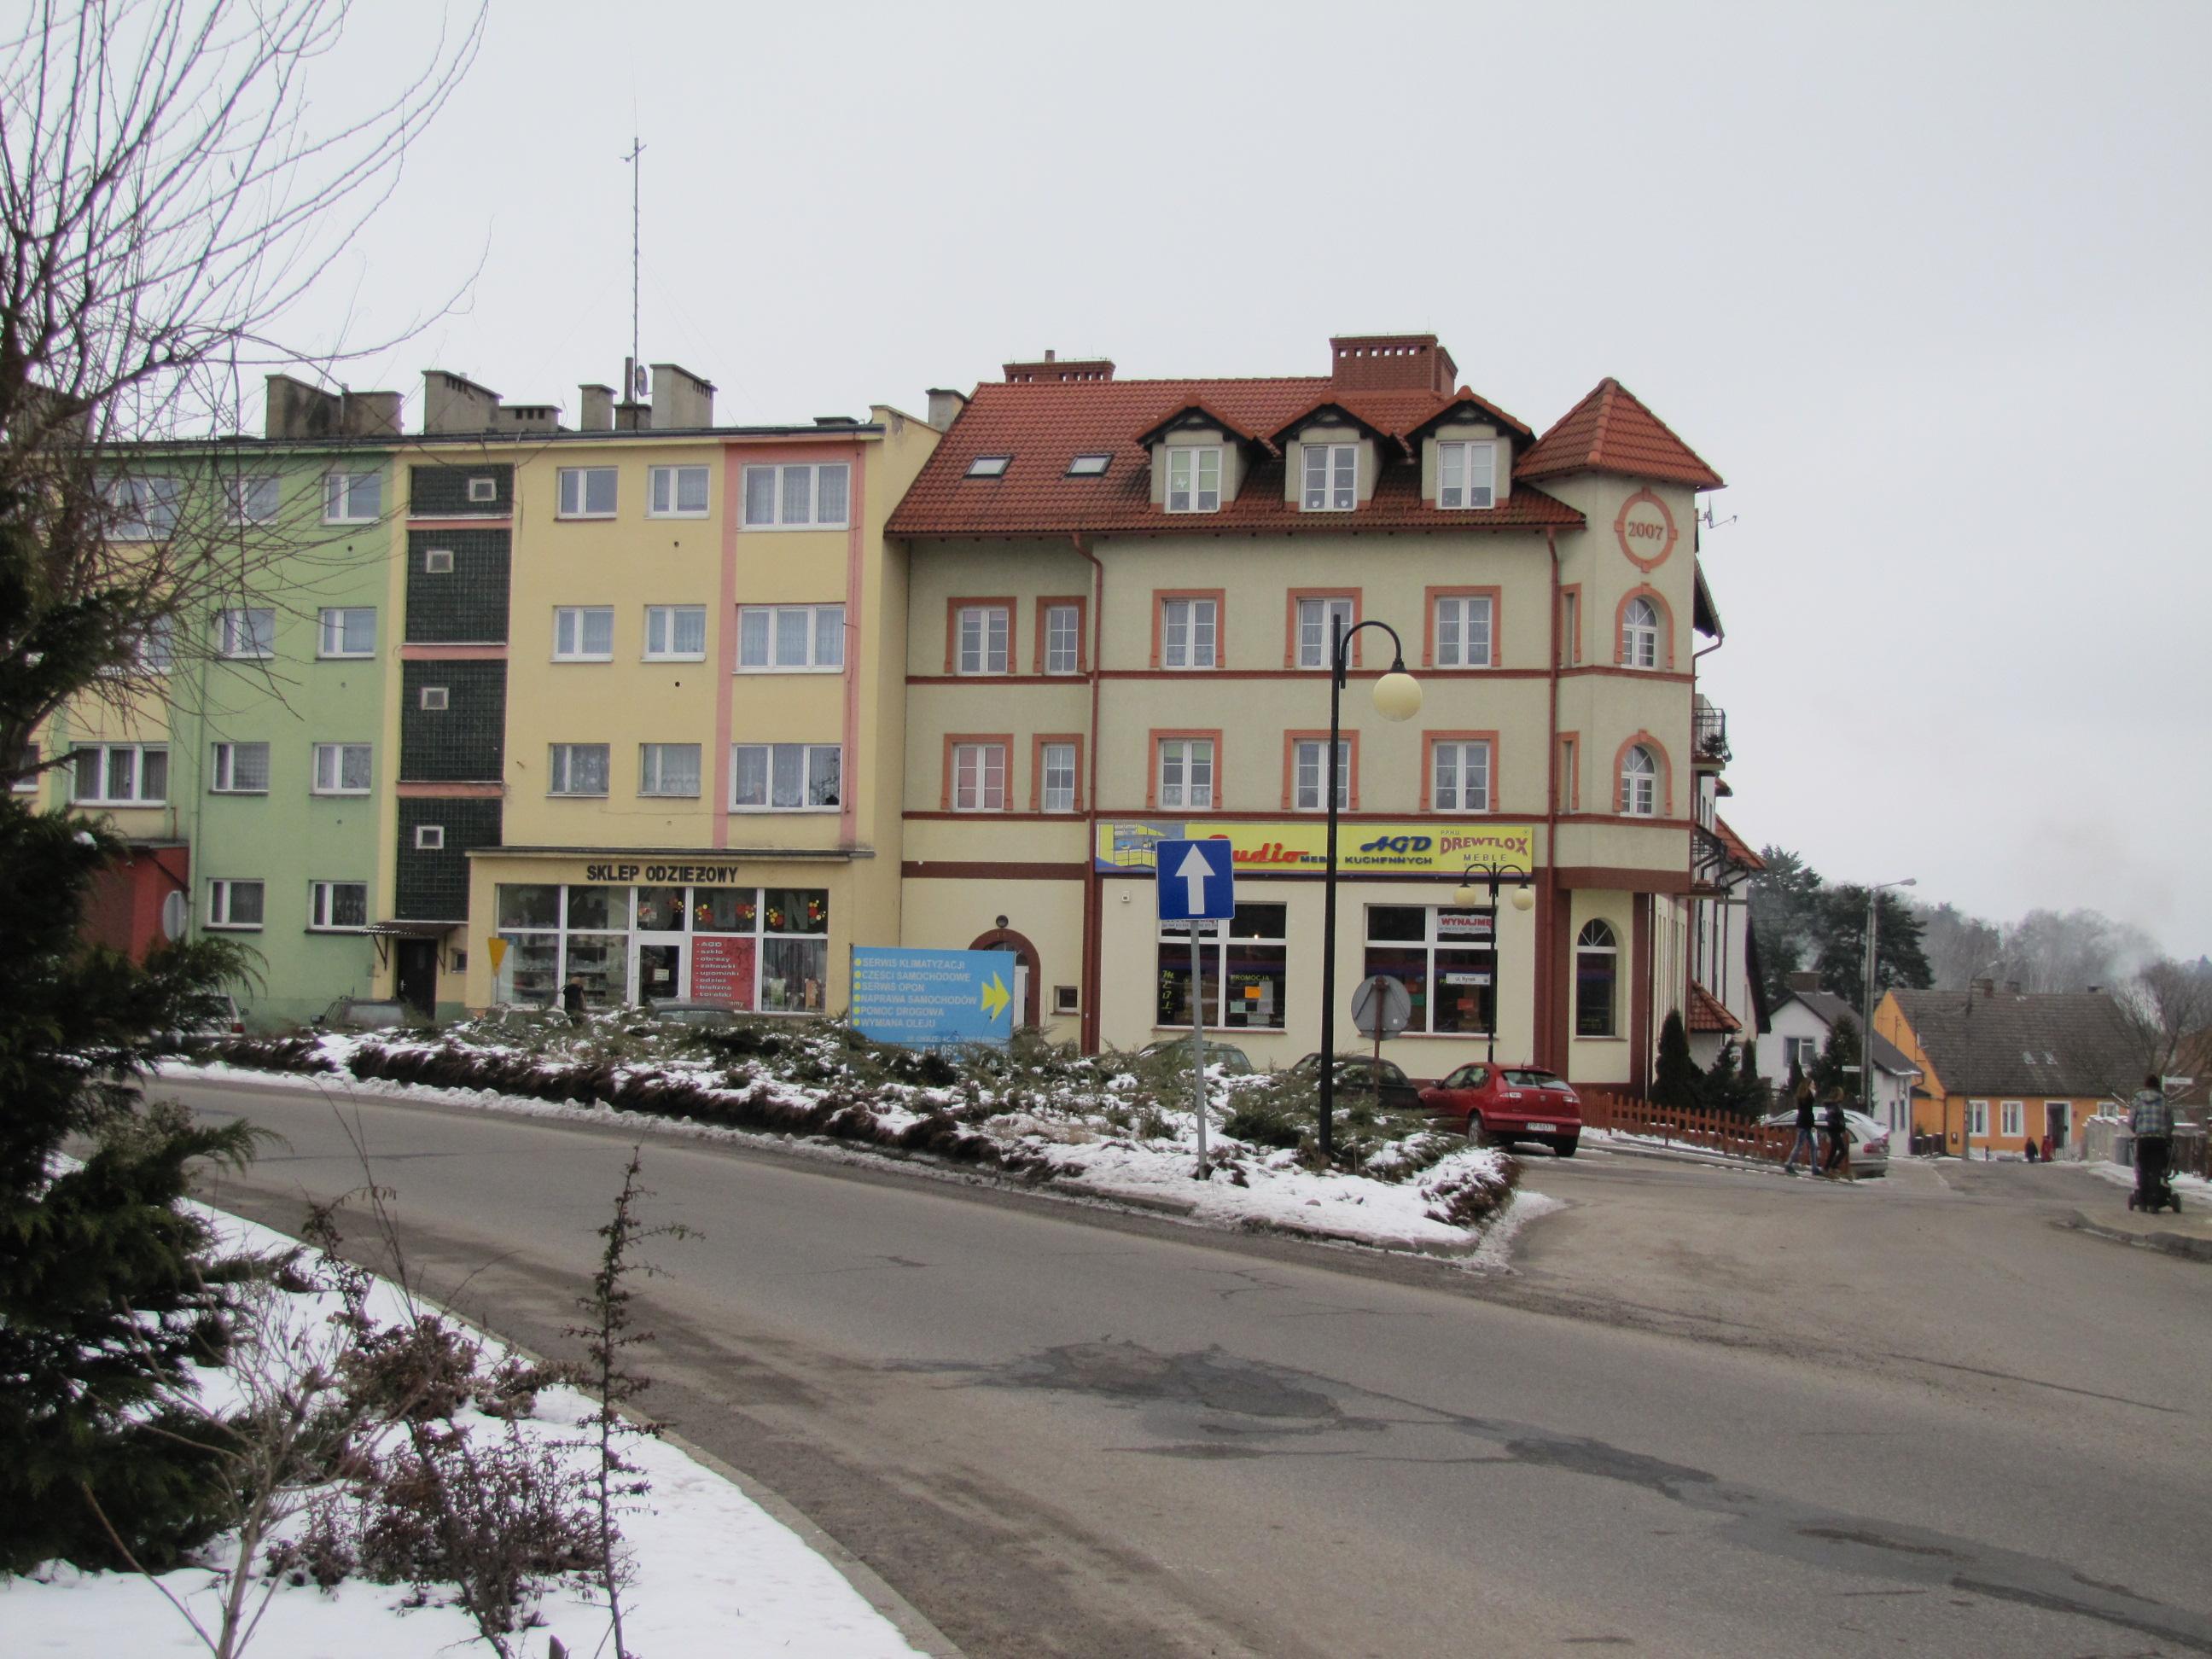 Debrzno (plaats)